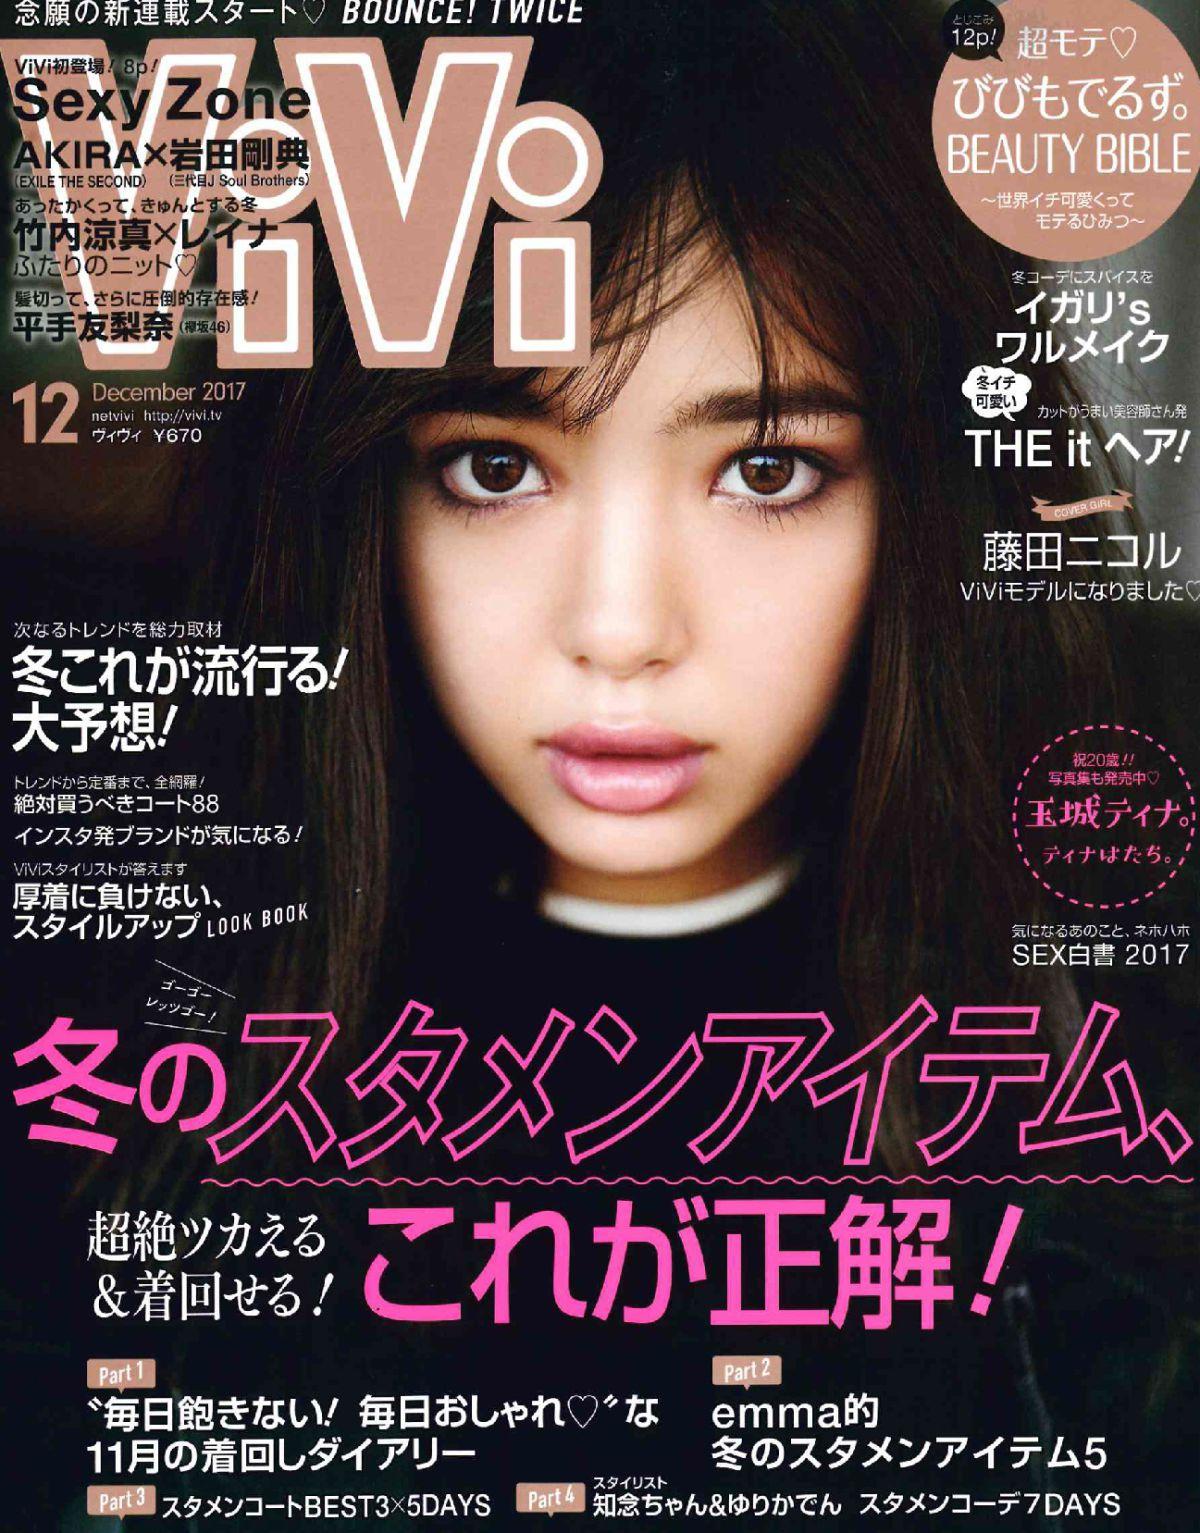 VIVI201712表紙-001